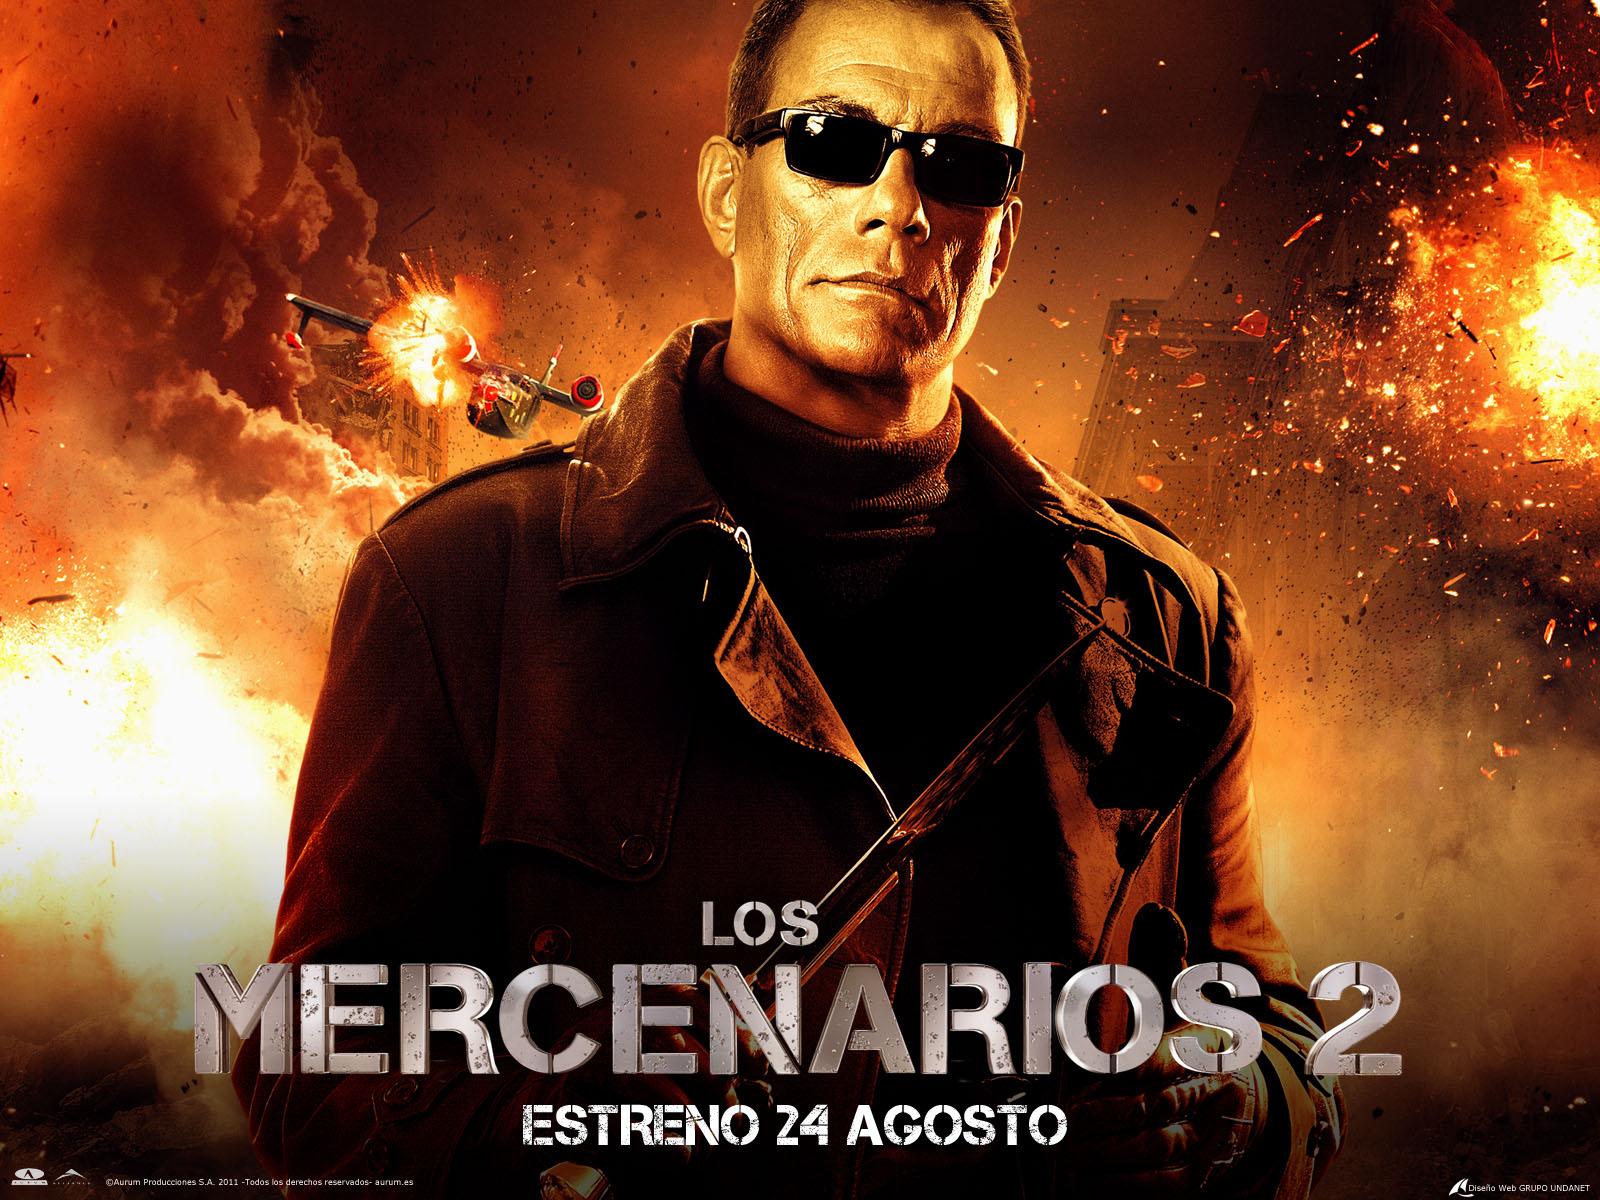 Неудержимые 2 (2012) смотреть онлайн или скачать фильм ...